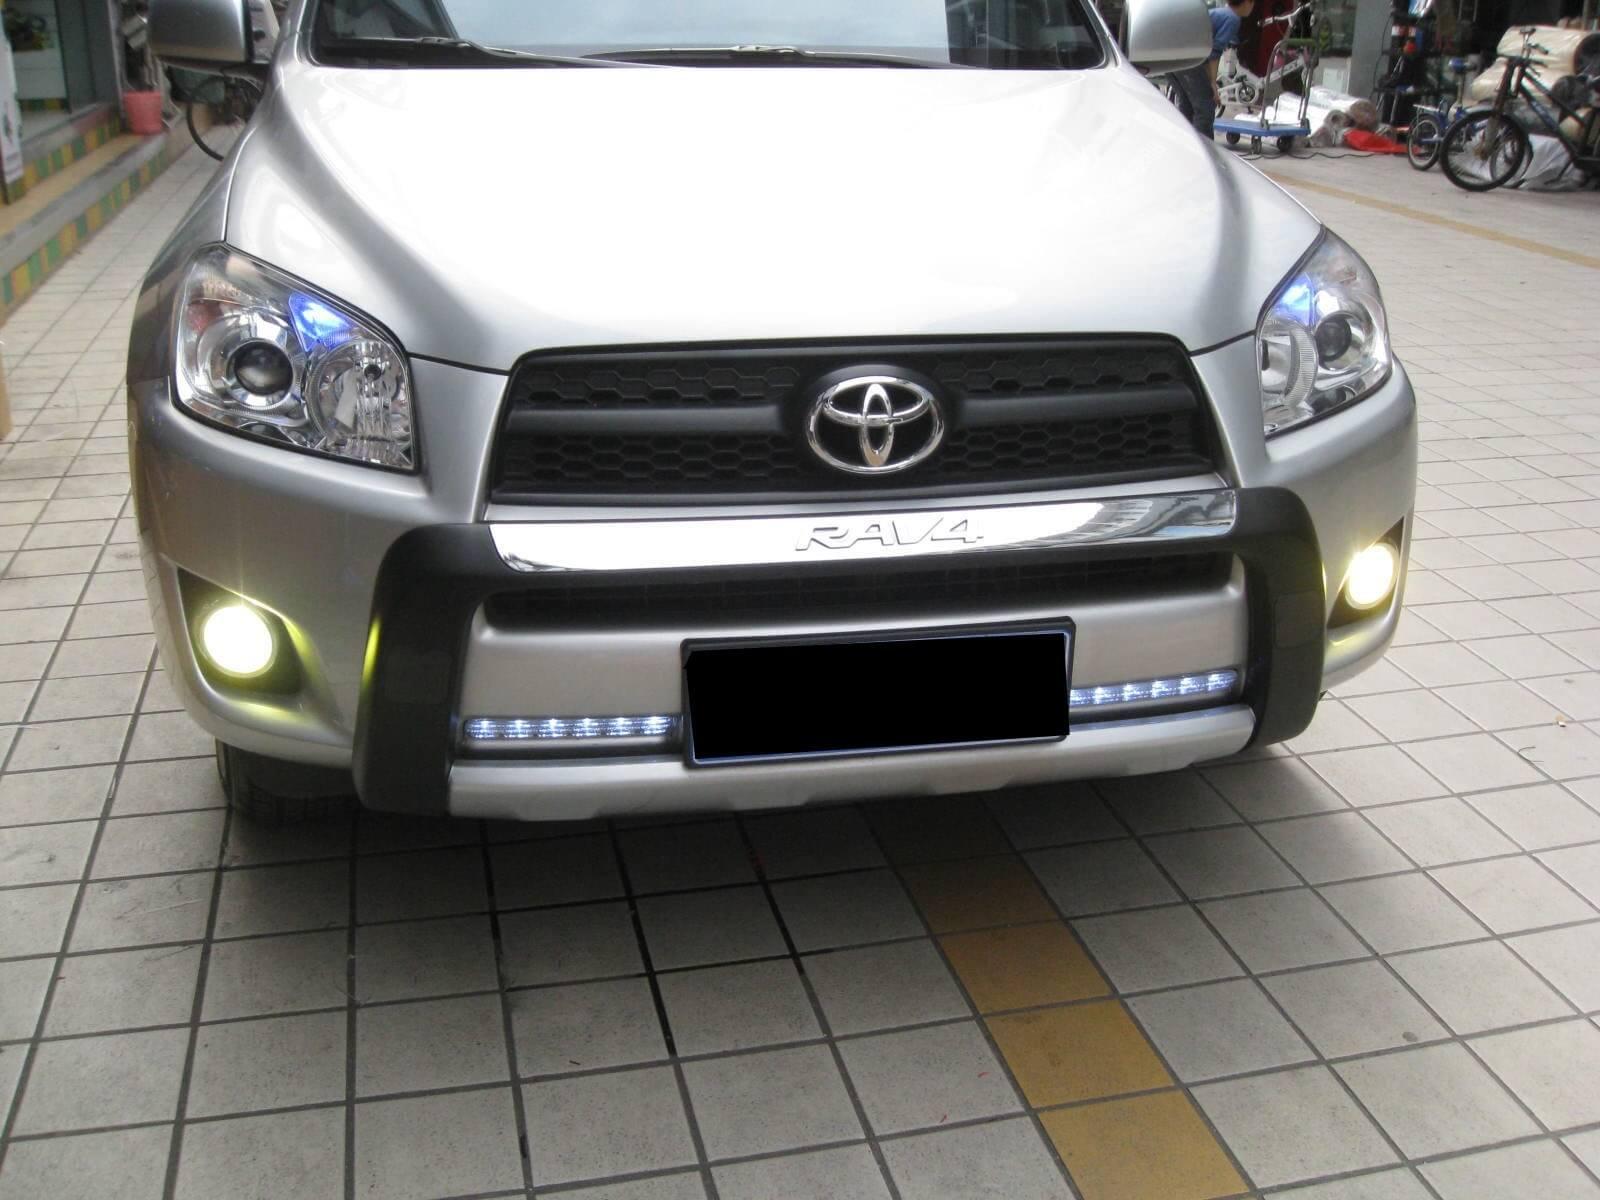 Противотуманные фары с ангельскими глазками Toyota Rav4 (2009-2012), фото 3